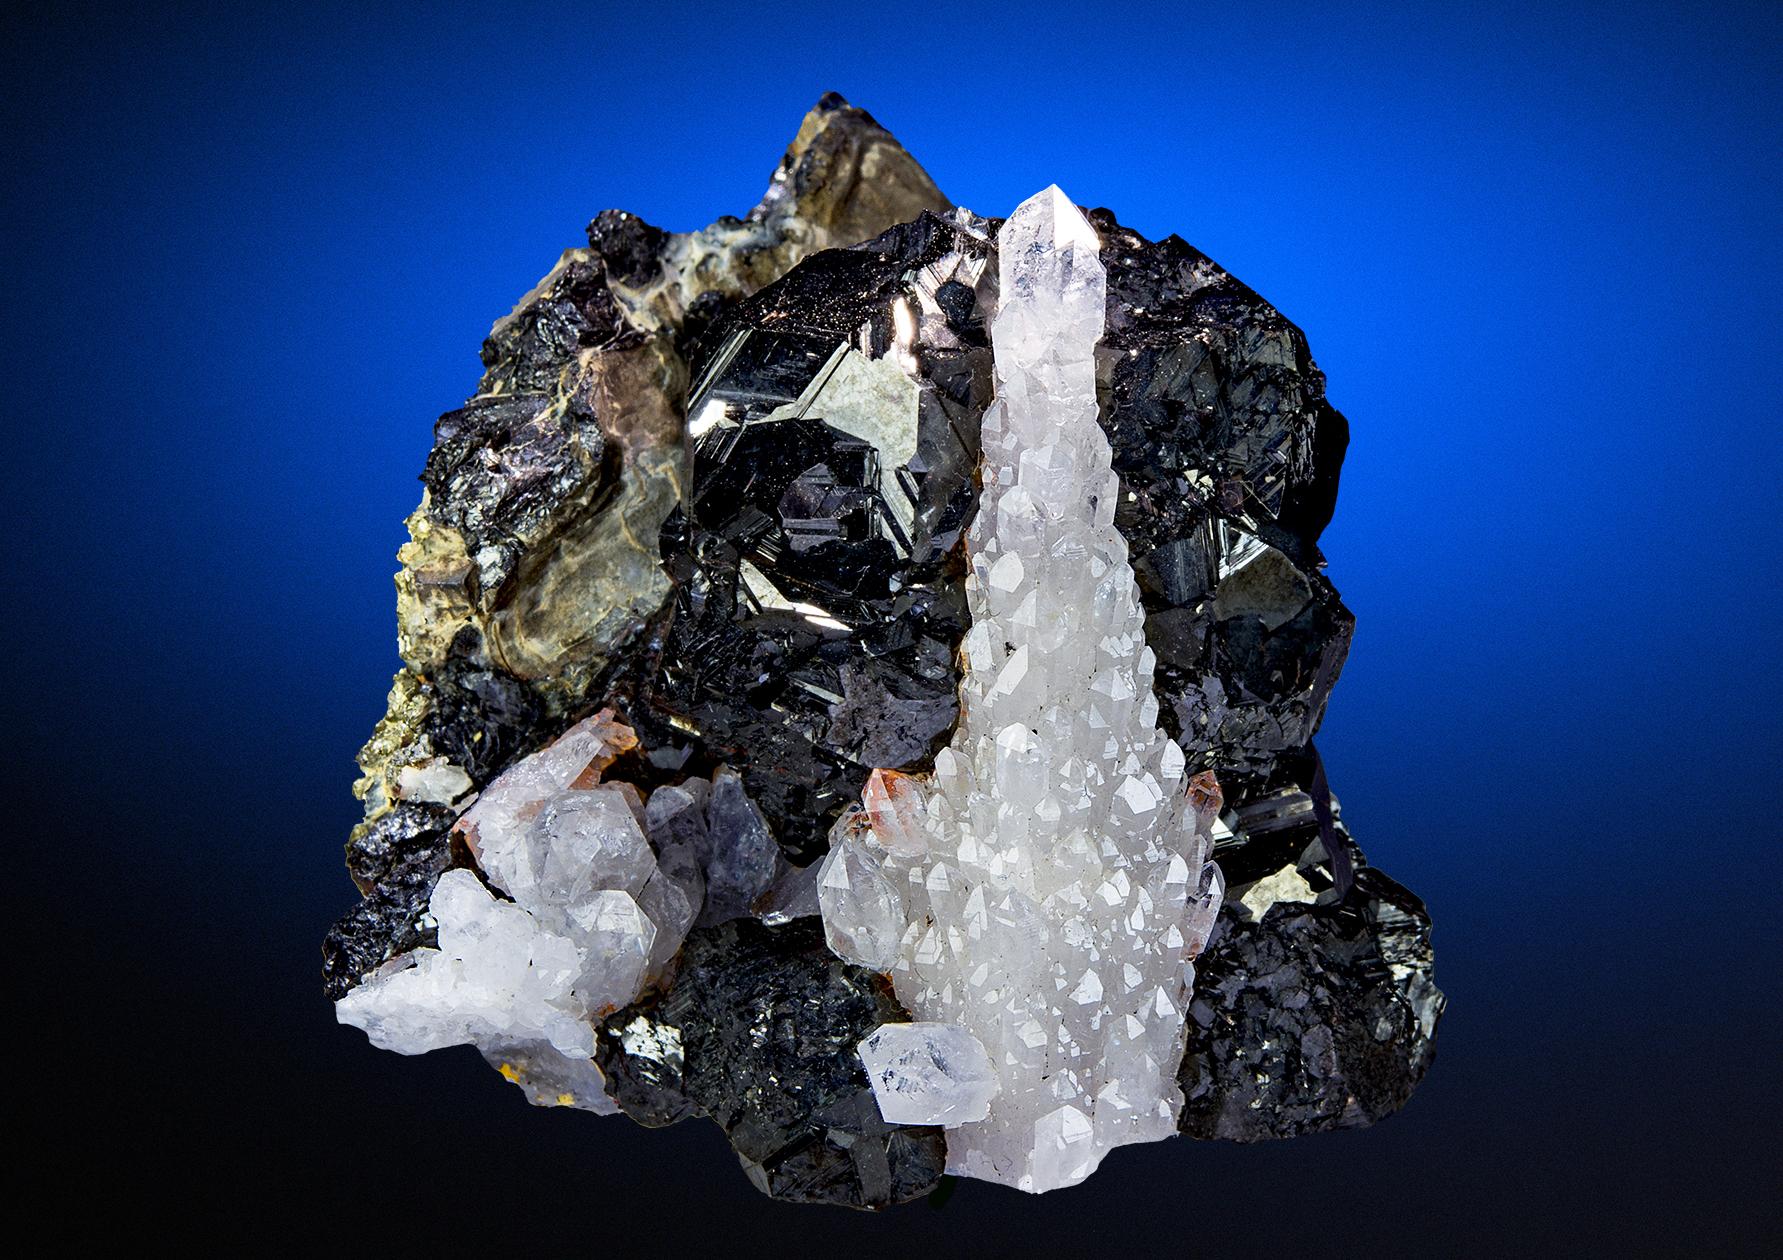 Quartz Crystals after Spharelite with Long Sharpy Crystals Cluster Specimen